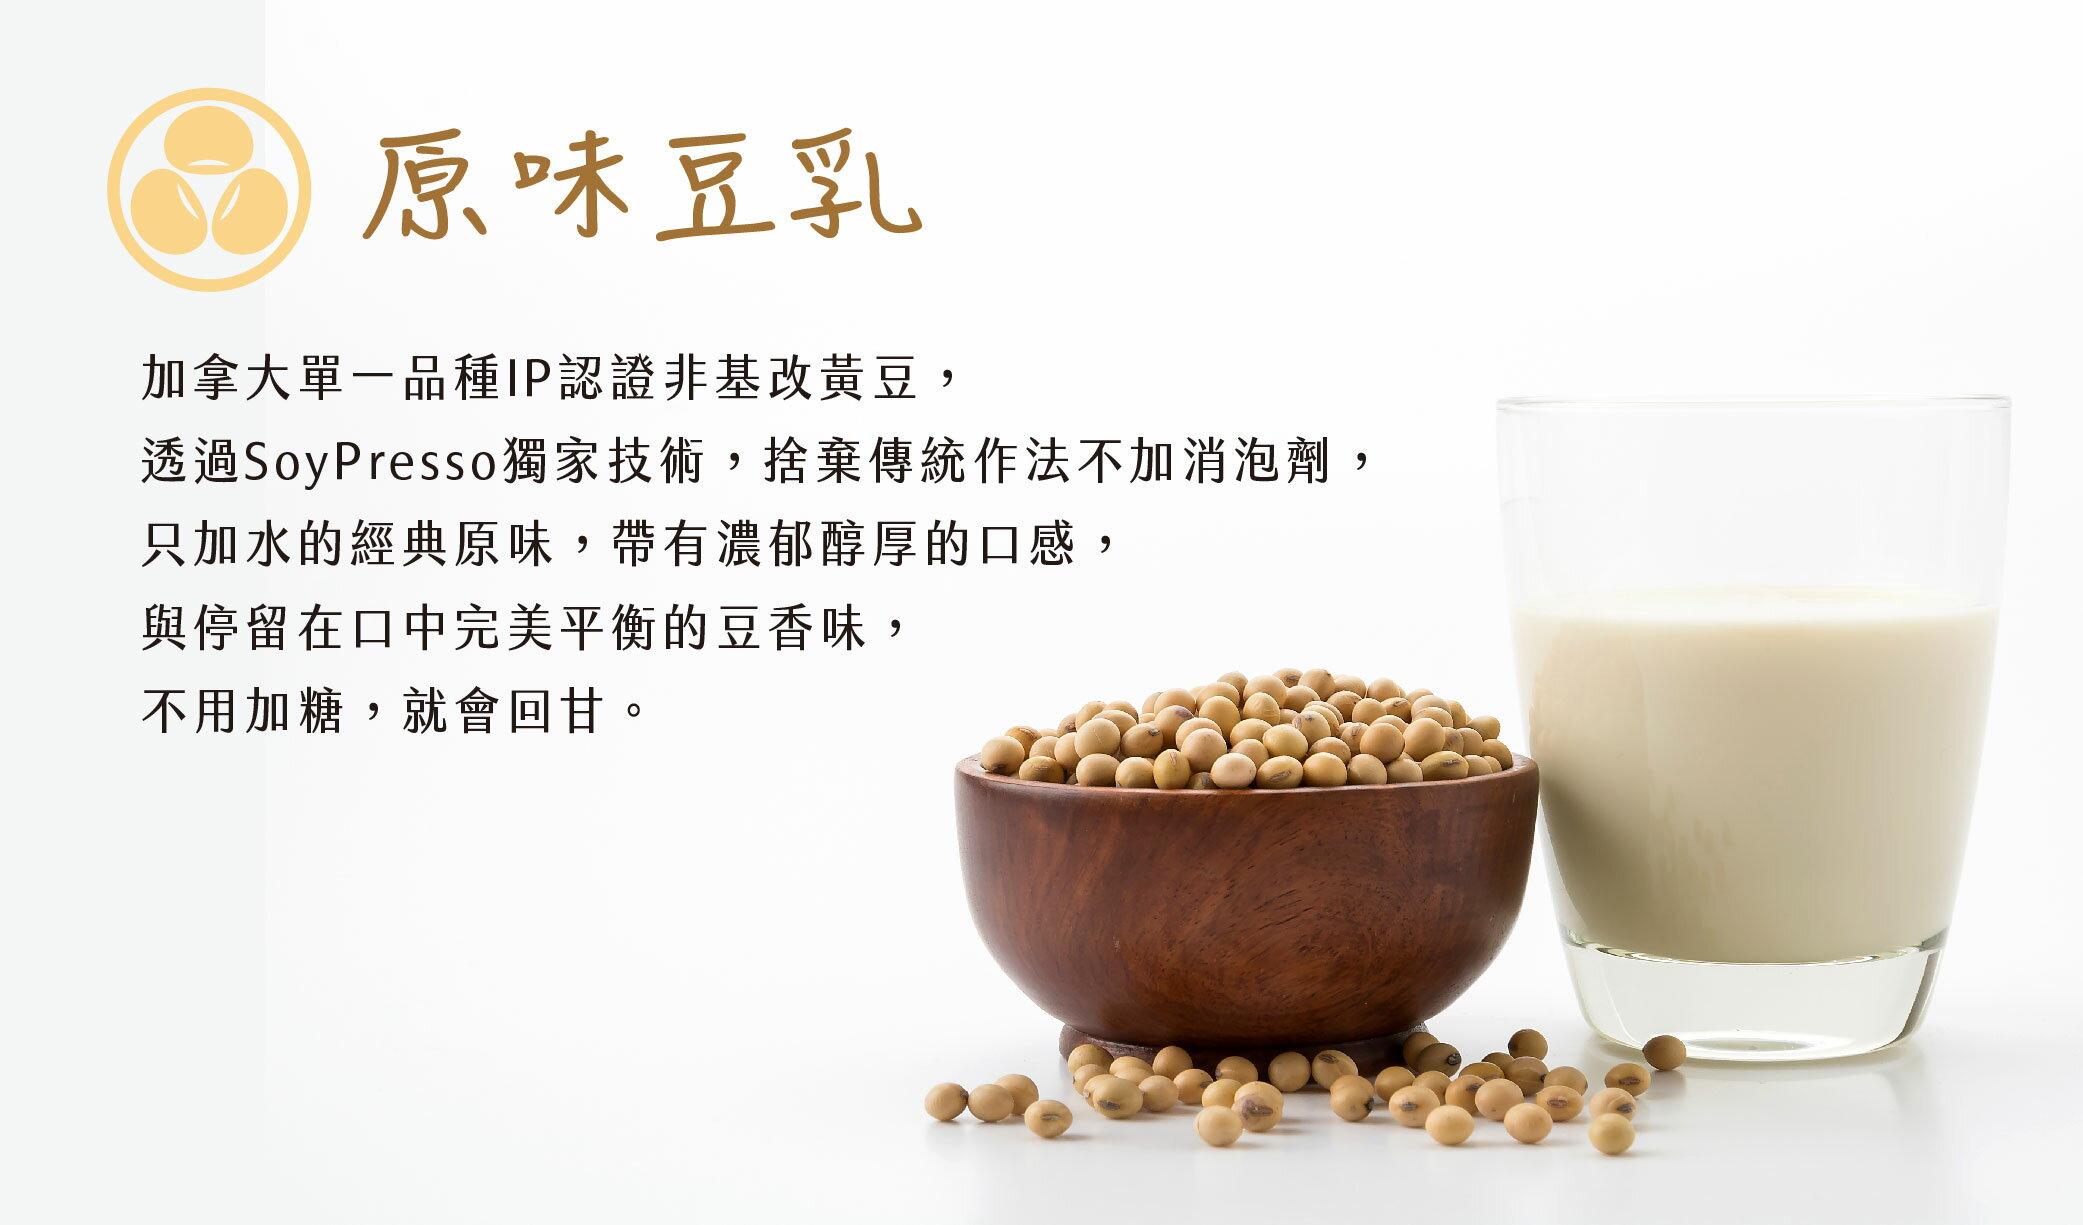 【漿樣子濃い豆乳】原味(無糖)豆乳(大瓶 / 960CC)★~滿額免運~超級優惠! 1